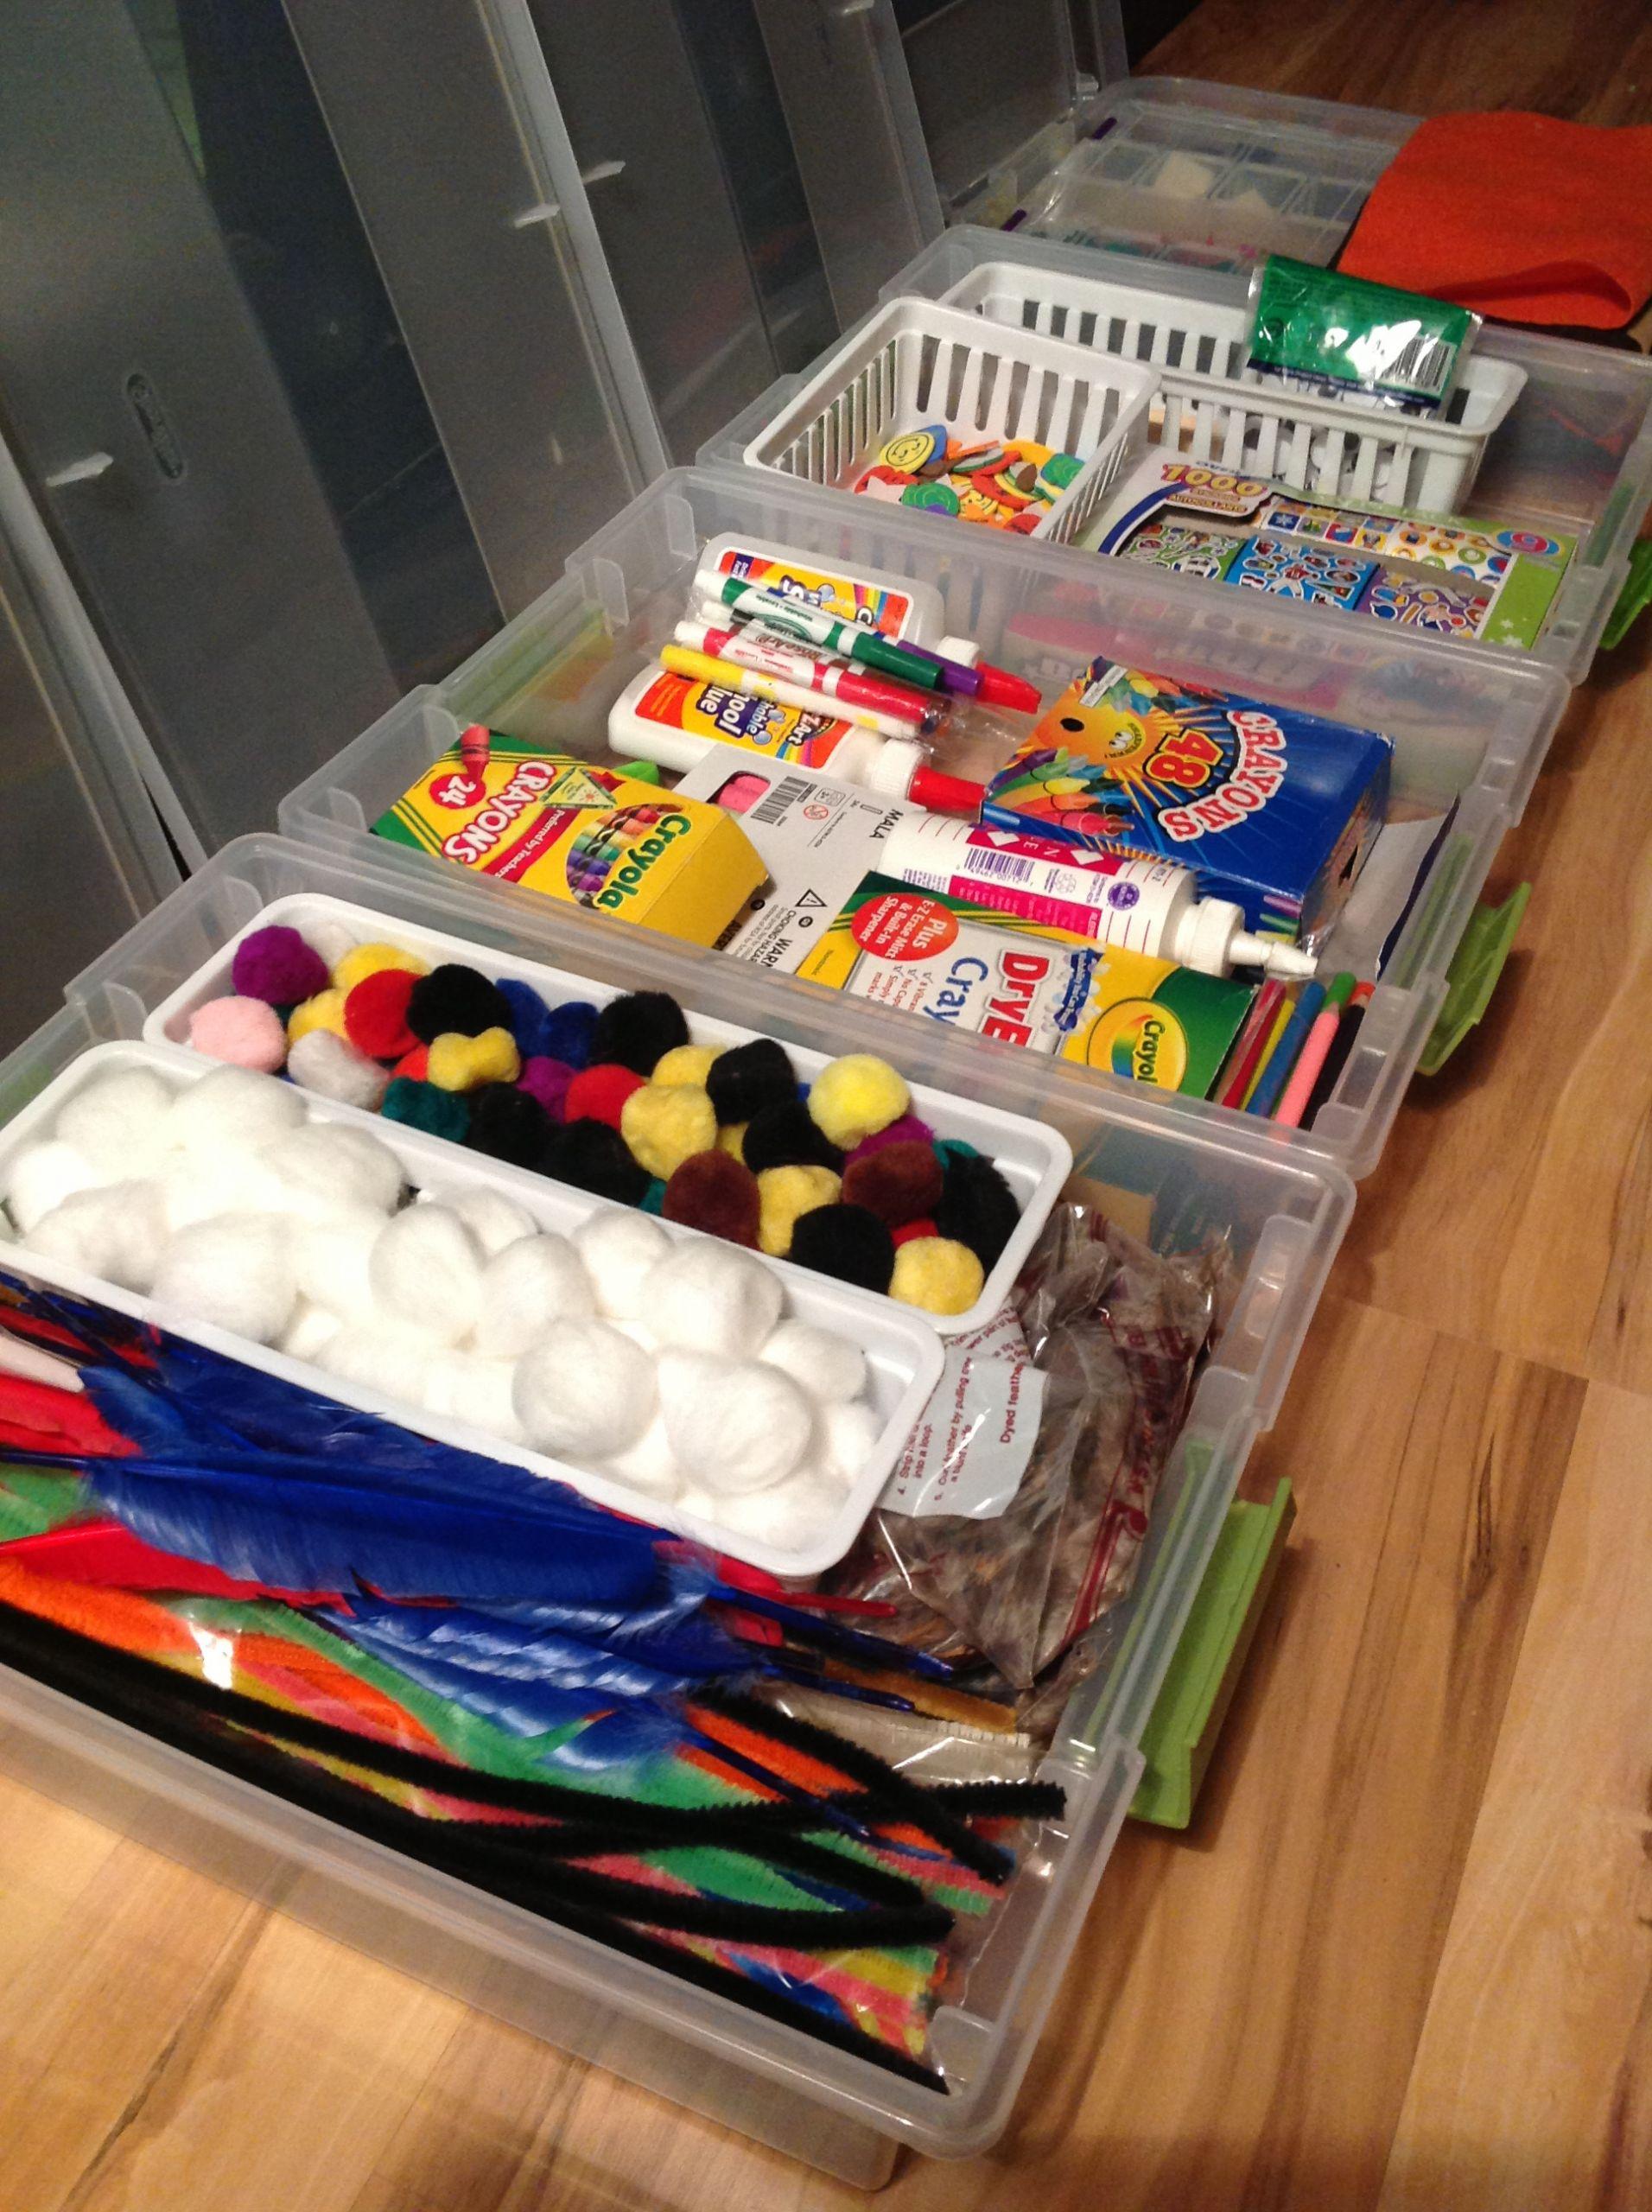 Kids Crafting Supplies  Kid's Craft Organization